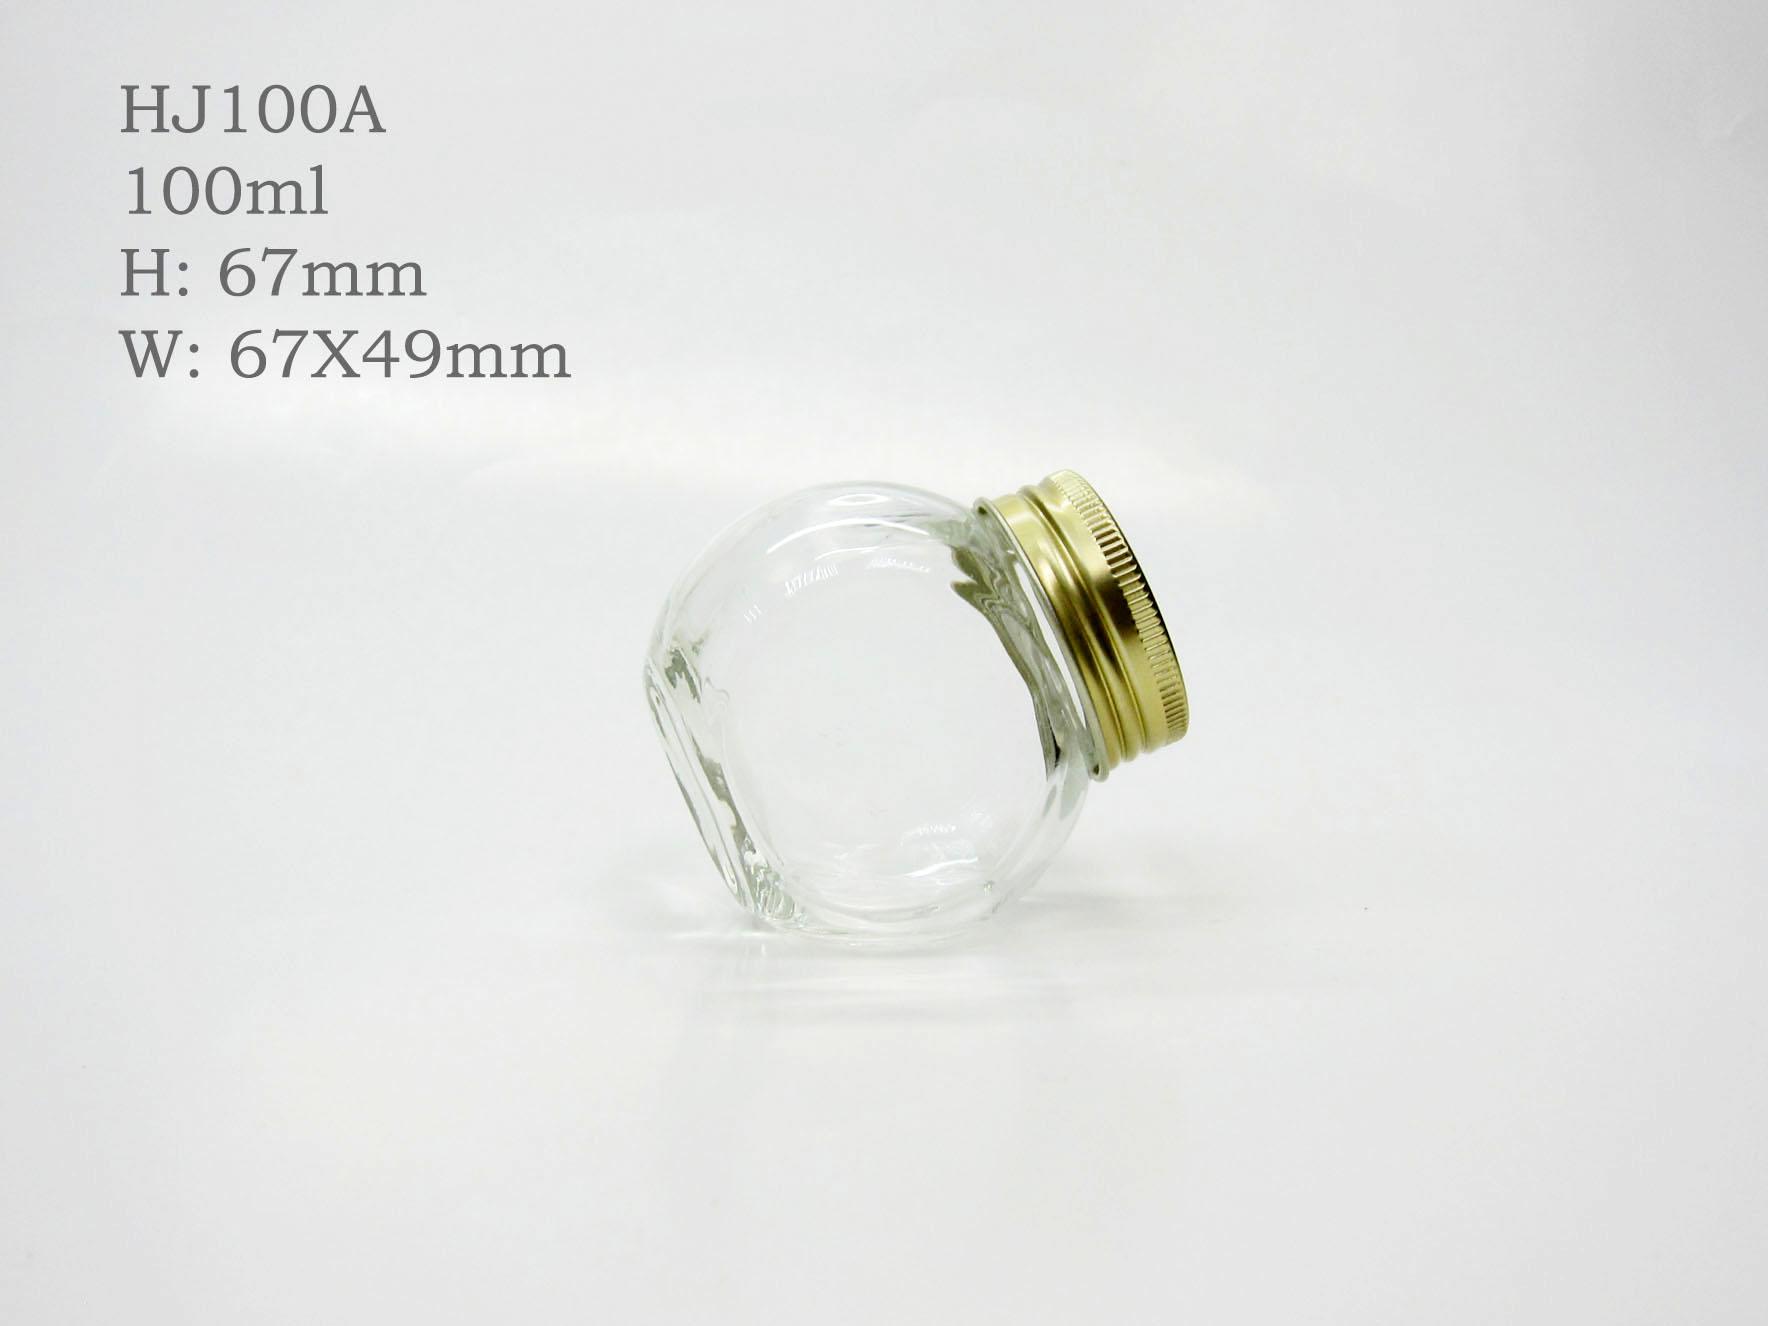 HJ100A_Gold_4f4493e8dccbf